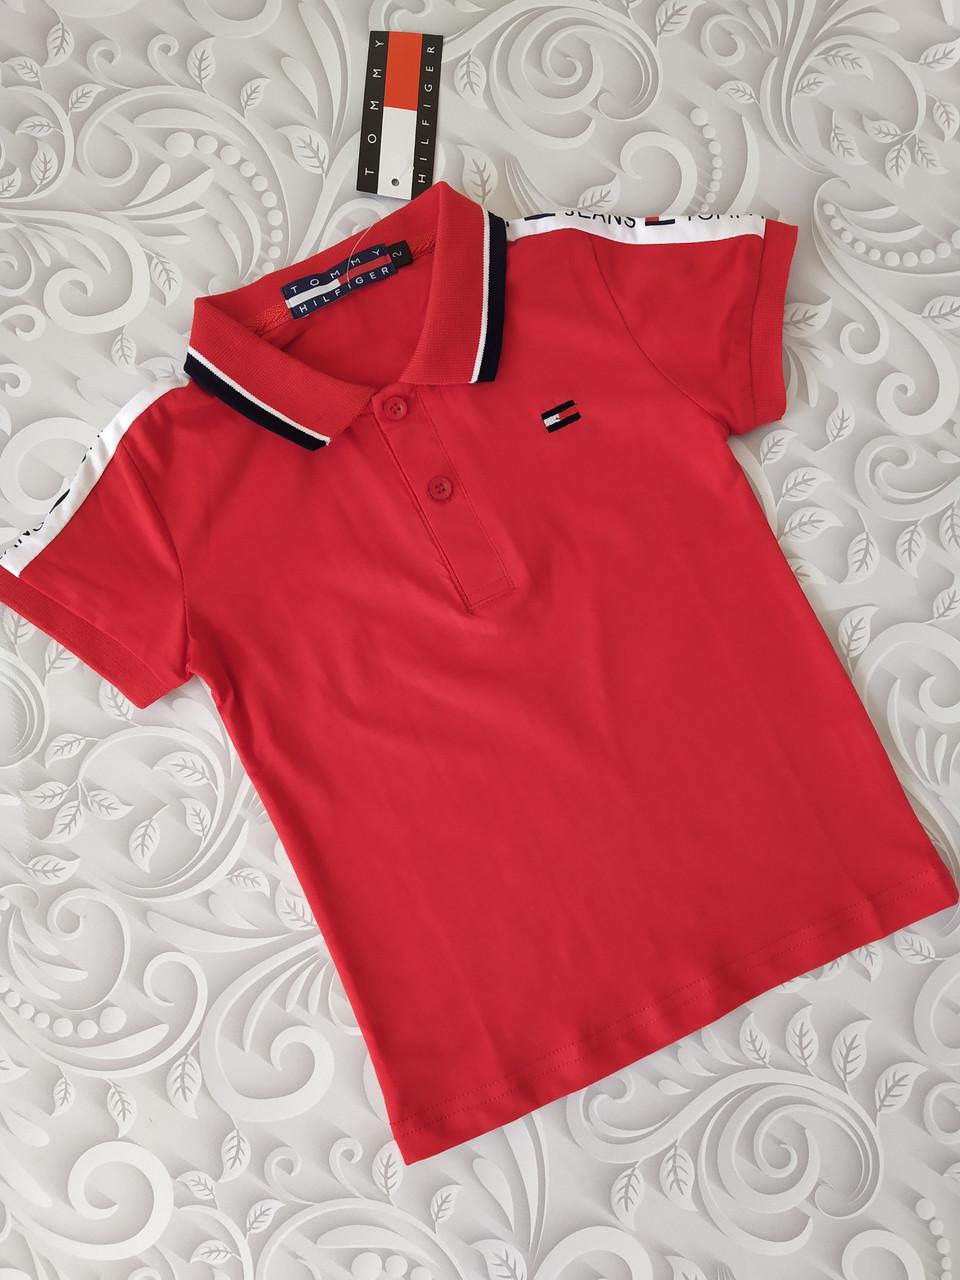 Красная футболка поло детская Томми